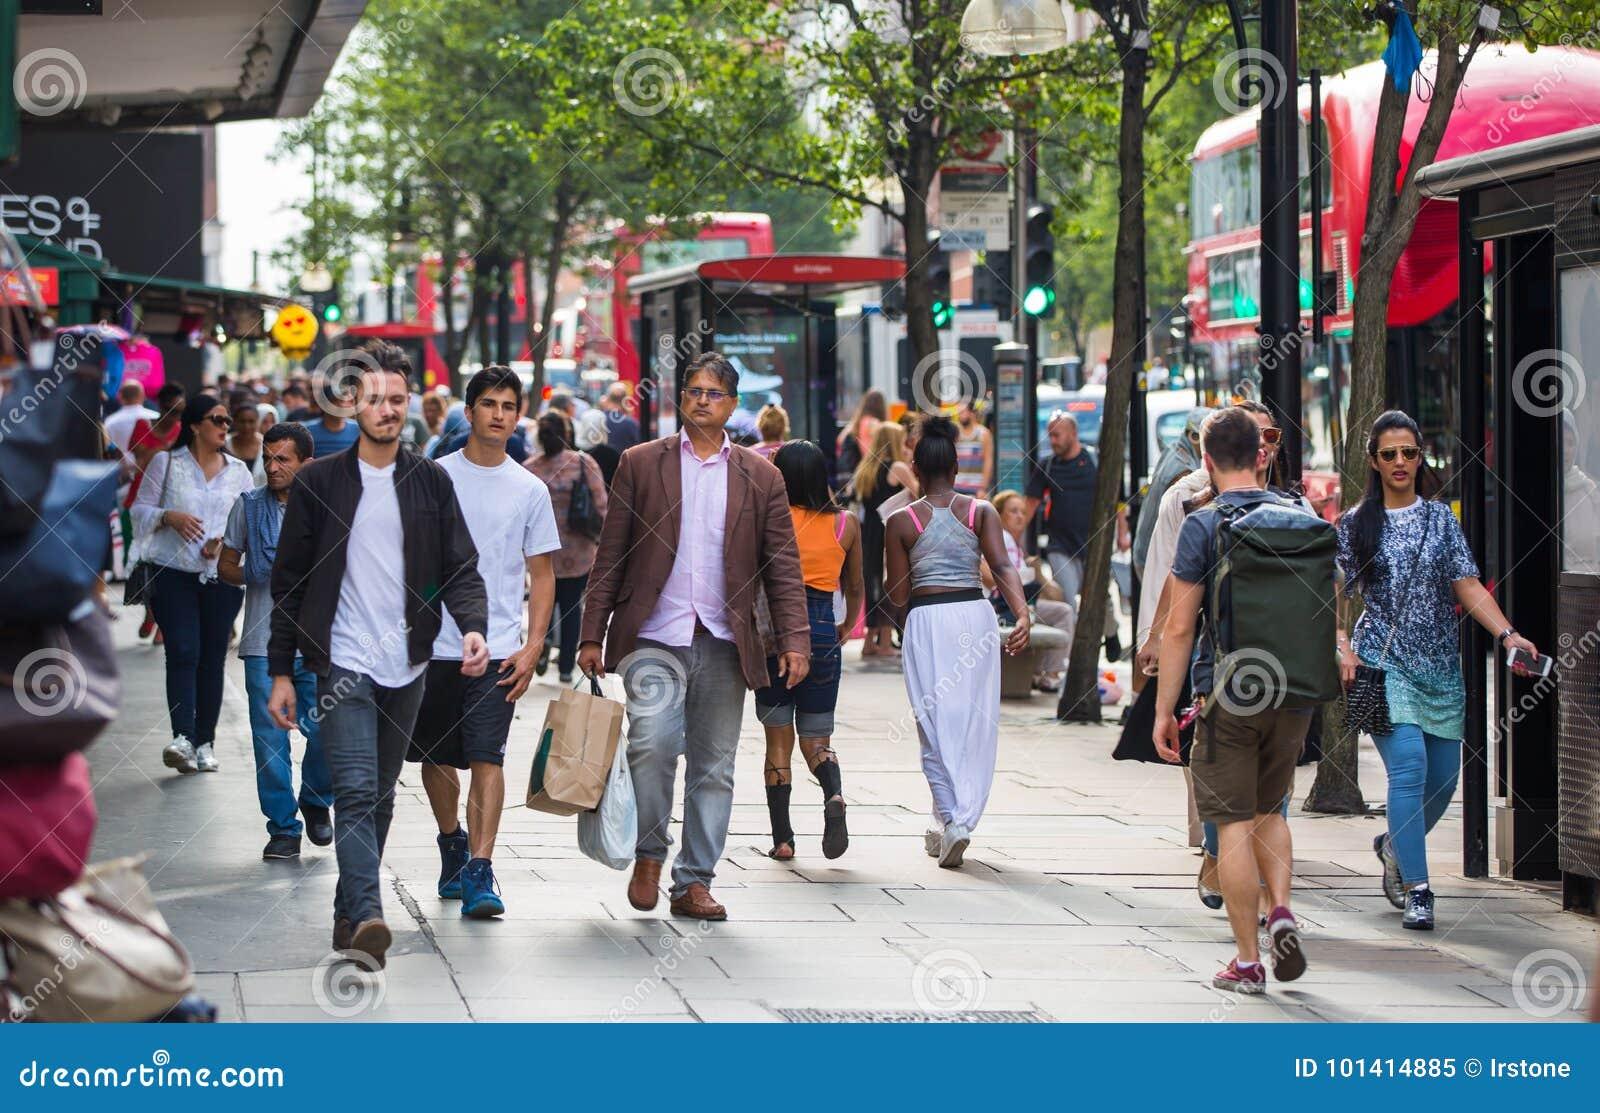 Серии людей идя в улицу Оксфорда, главное назначение лондонцев для ходить по магазинам концепция современной жизни Лондон